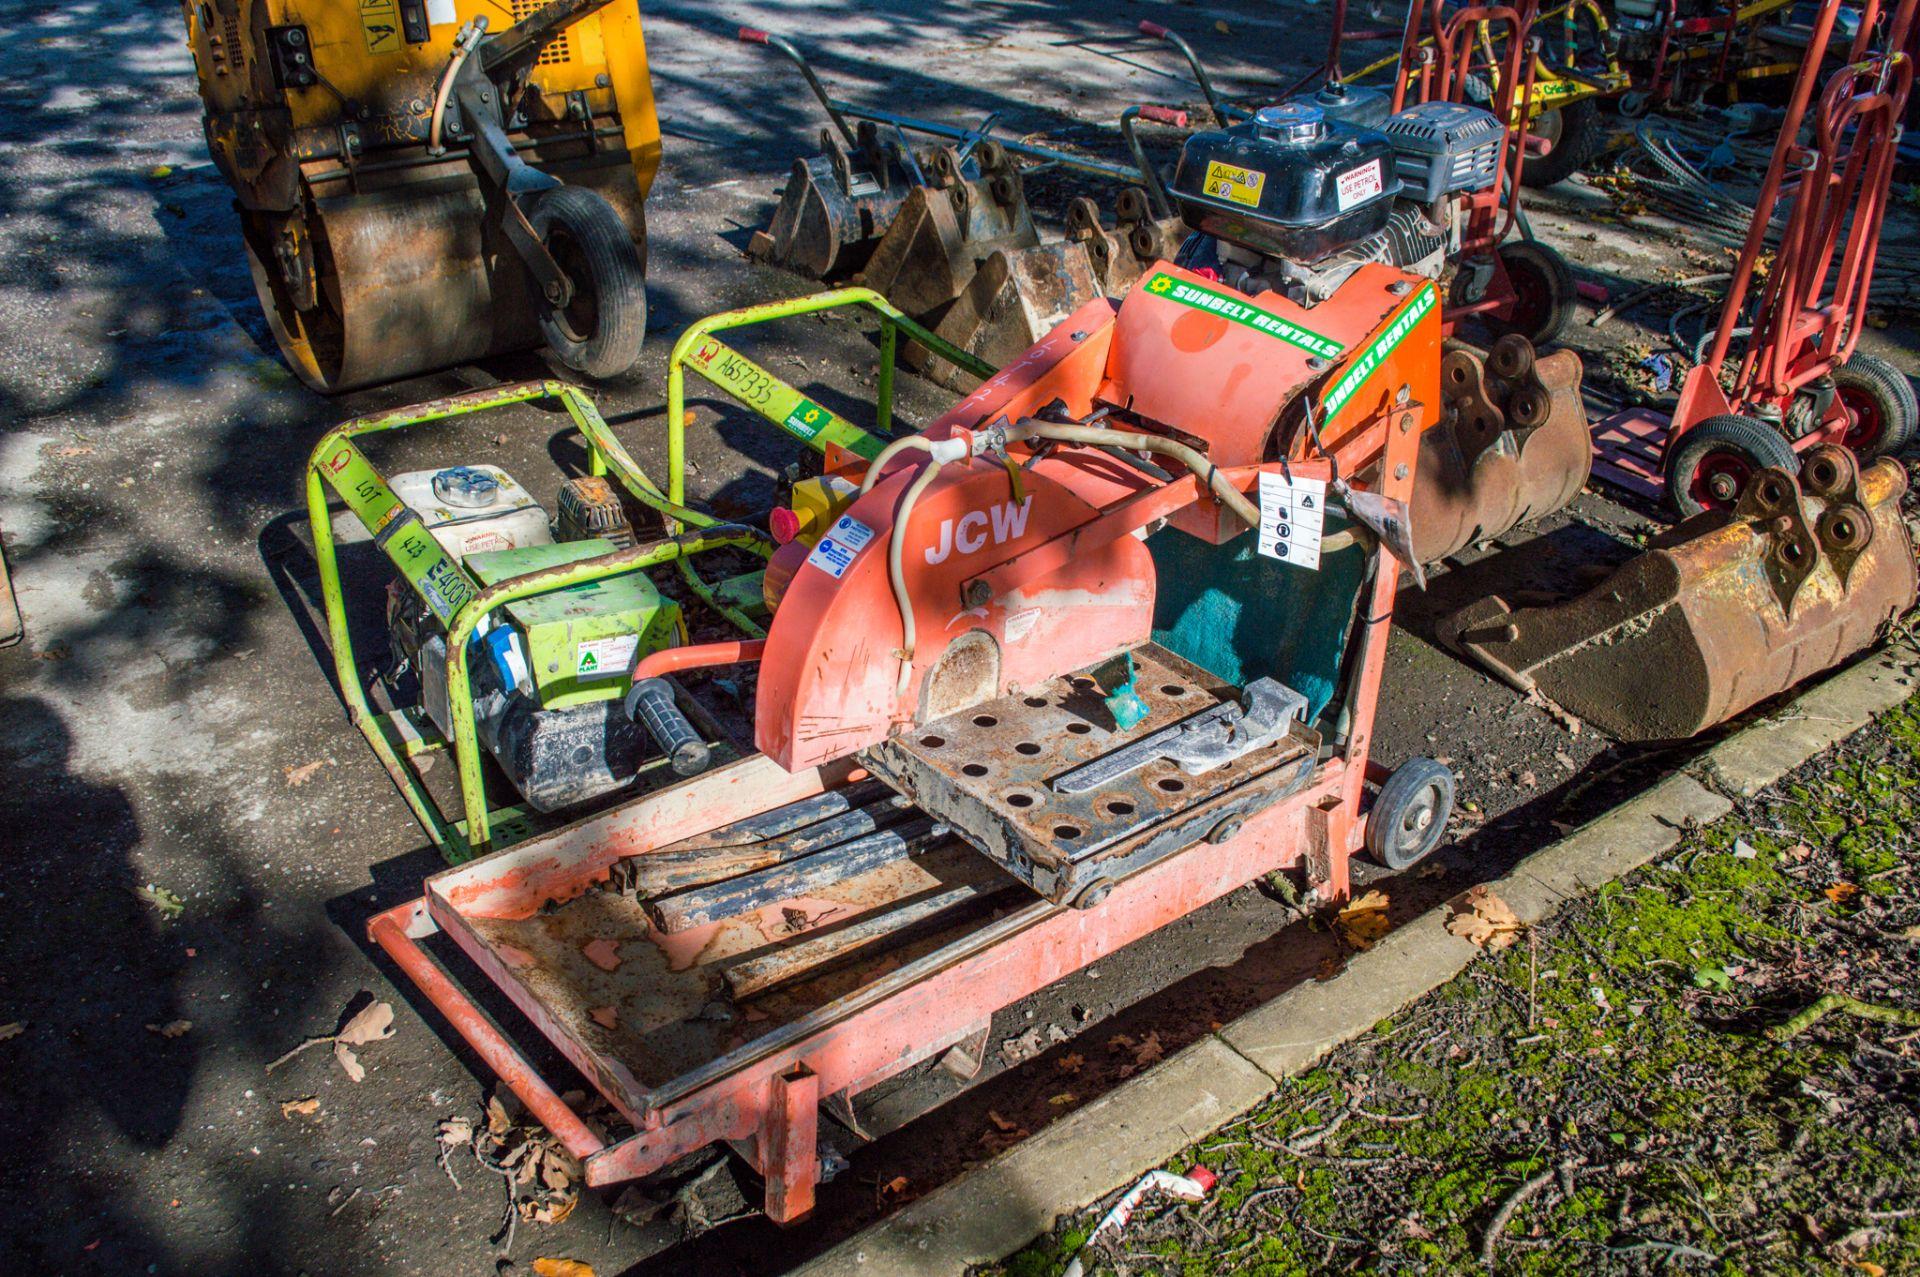 Clipper petrol driven site chop saw A784461